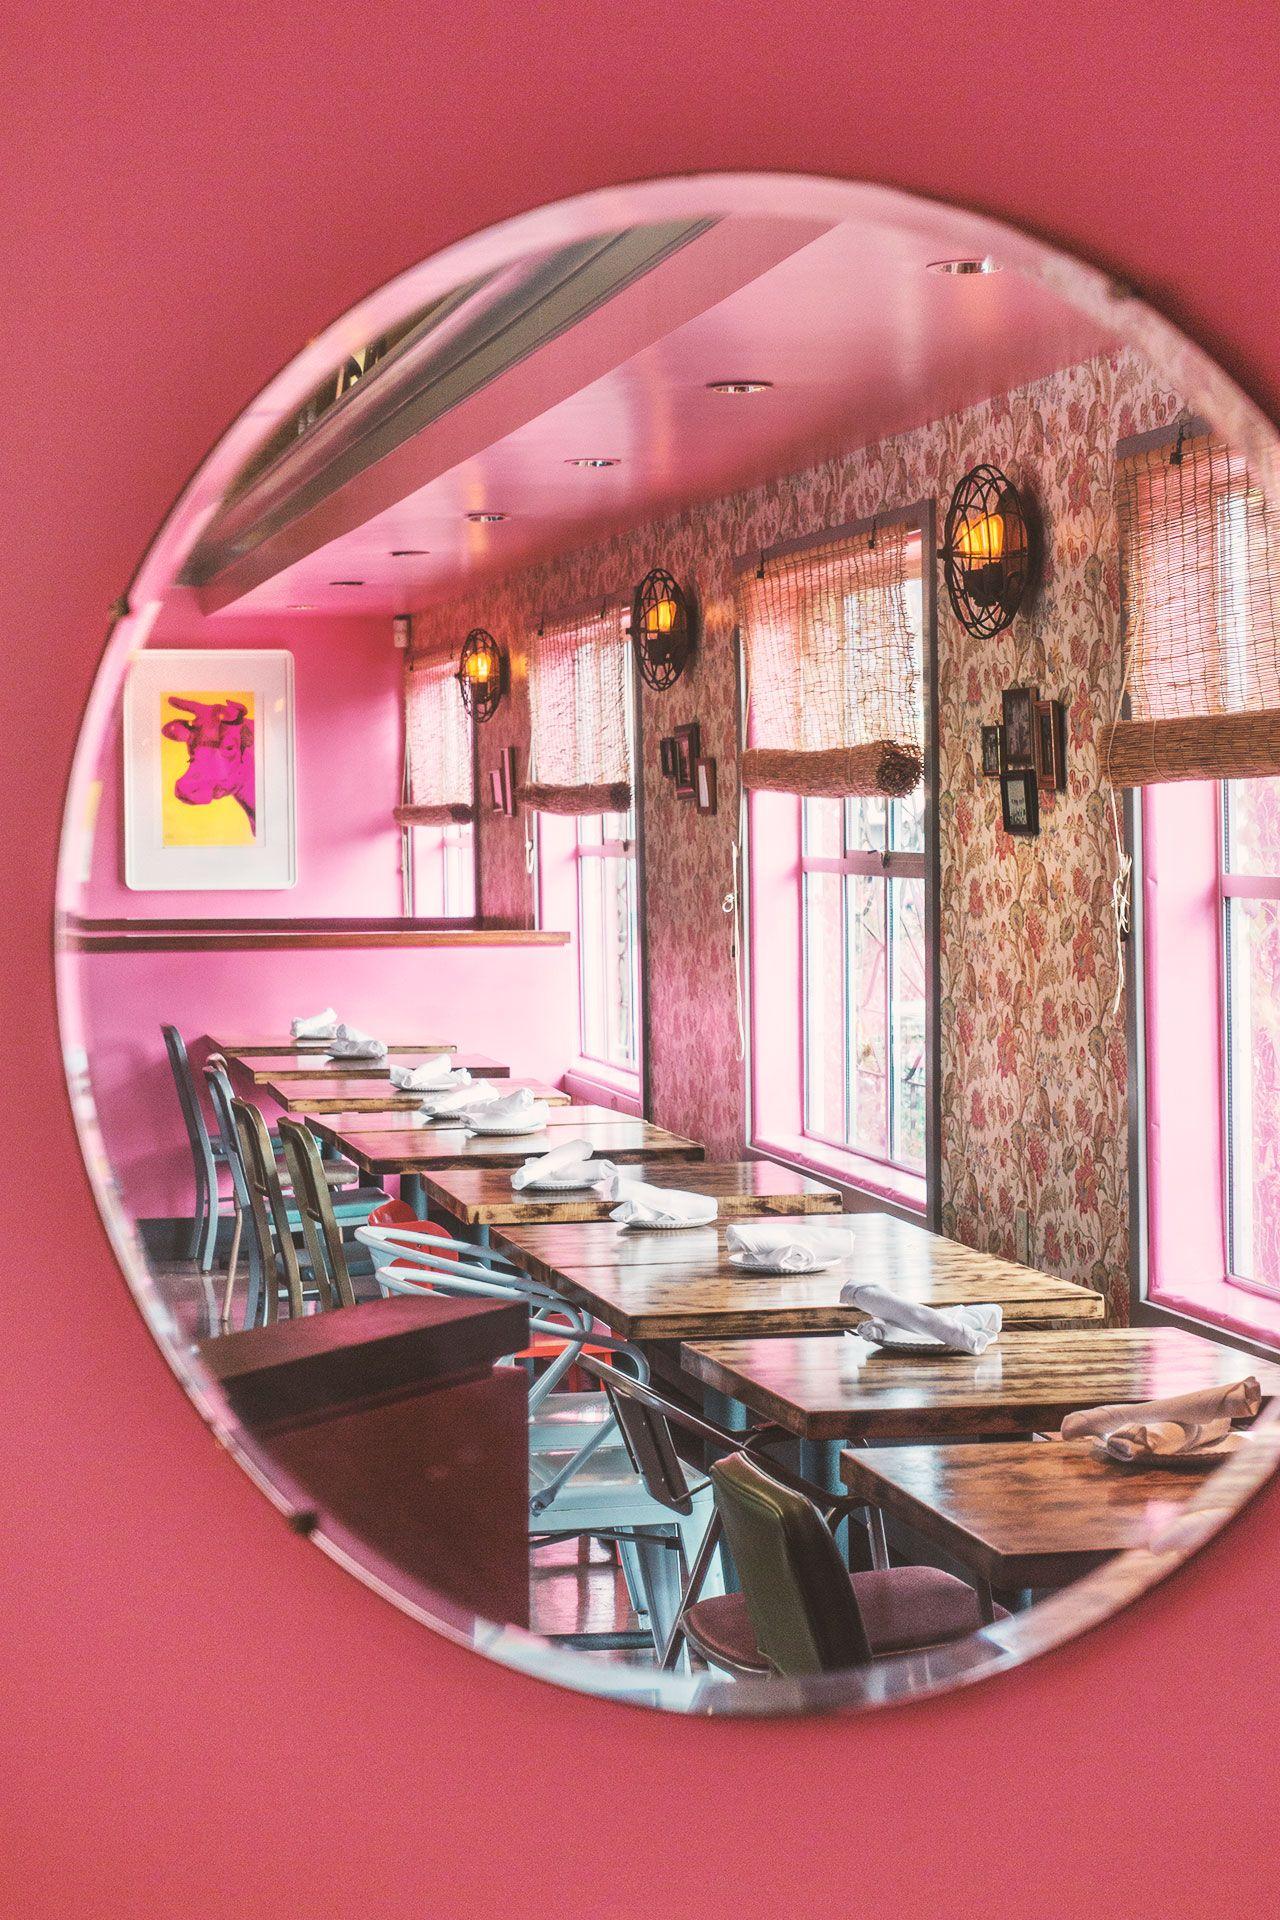 juhu beach club spaces beach club beach house color schemes rh pinterest com